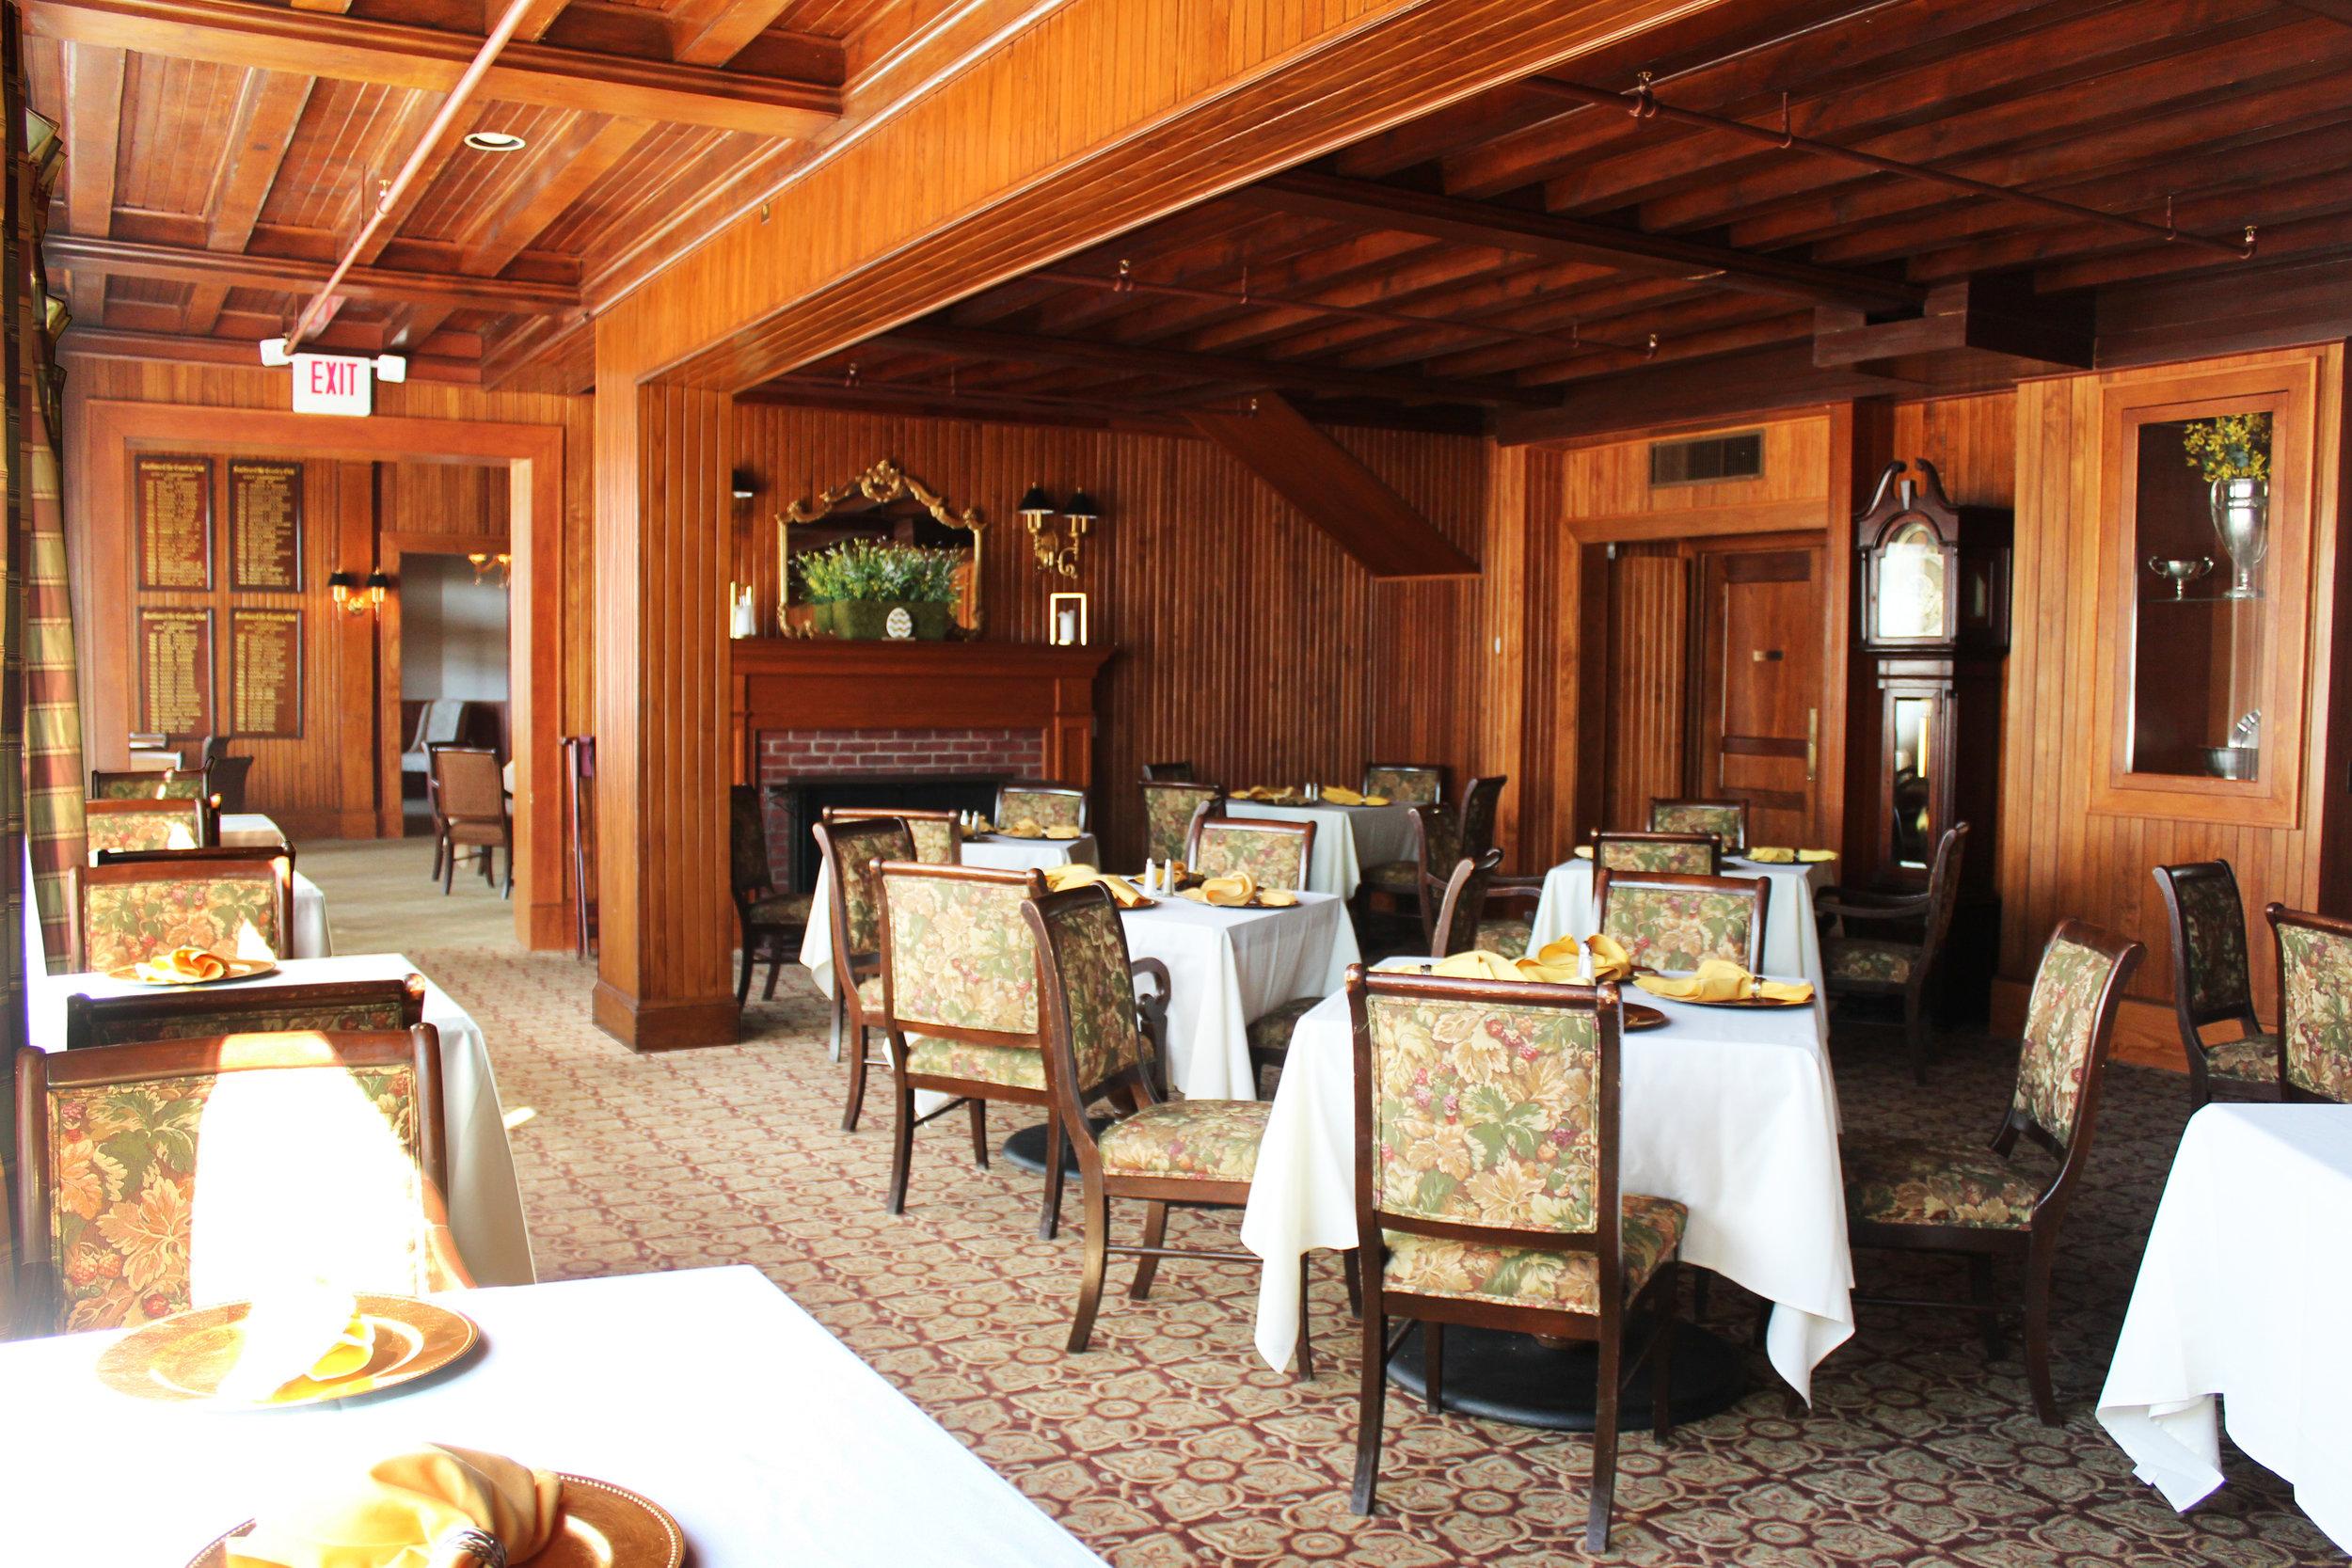 06 Interior - Dining Area.jpg